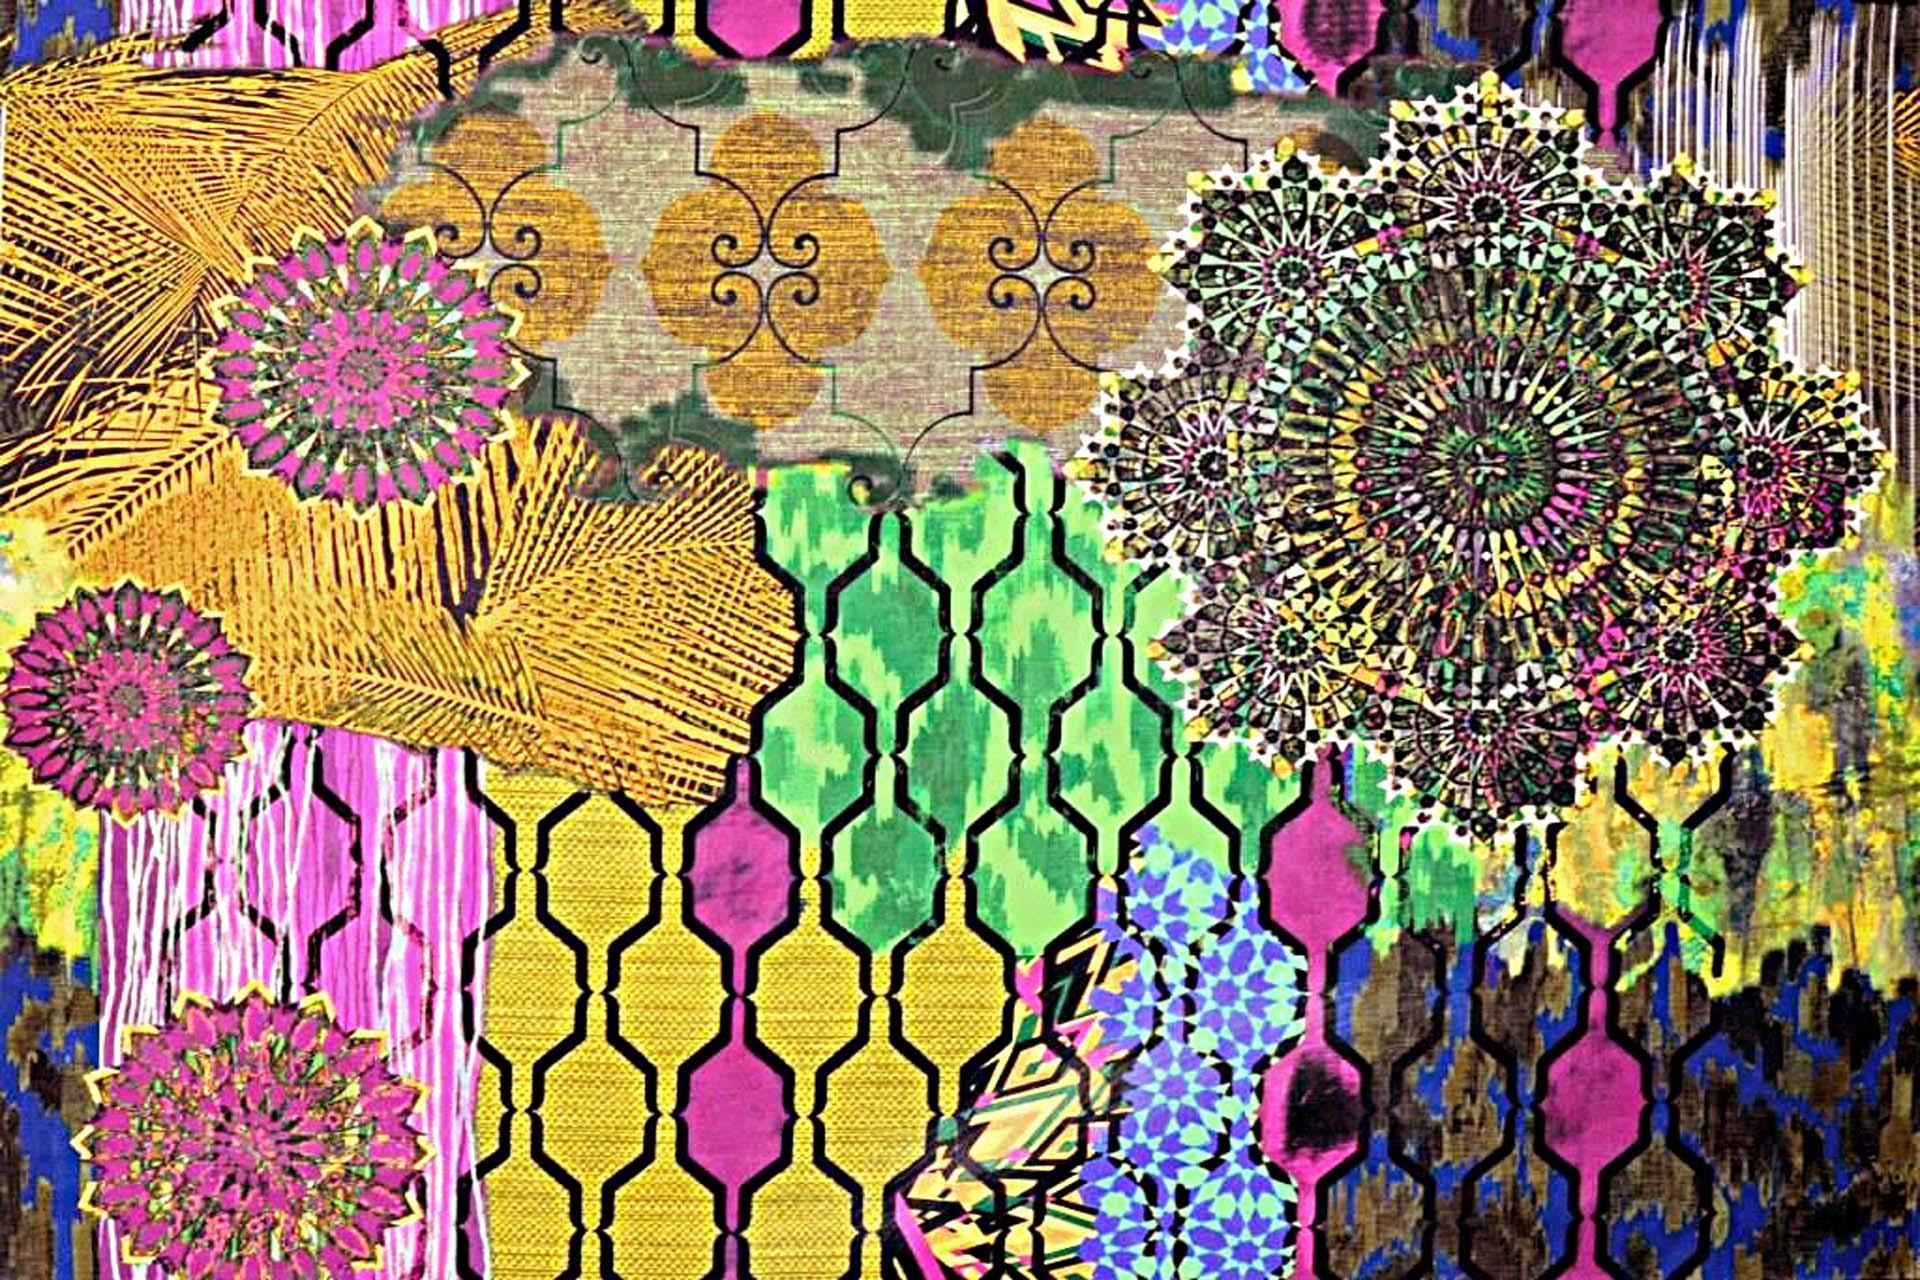 tissu woodstock imprim fantaisie lavable de casal vendu par la rime des matieres. Black Bedroom Furniture Sets. Home Design Ideas